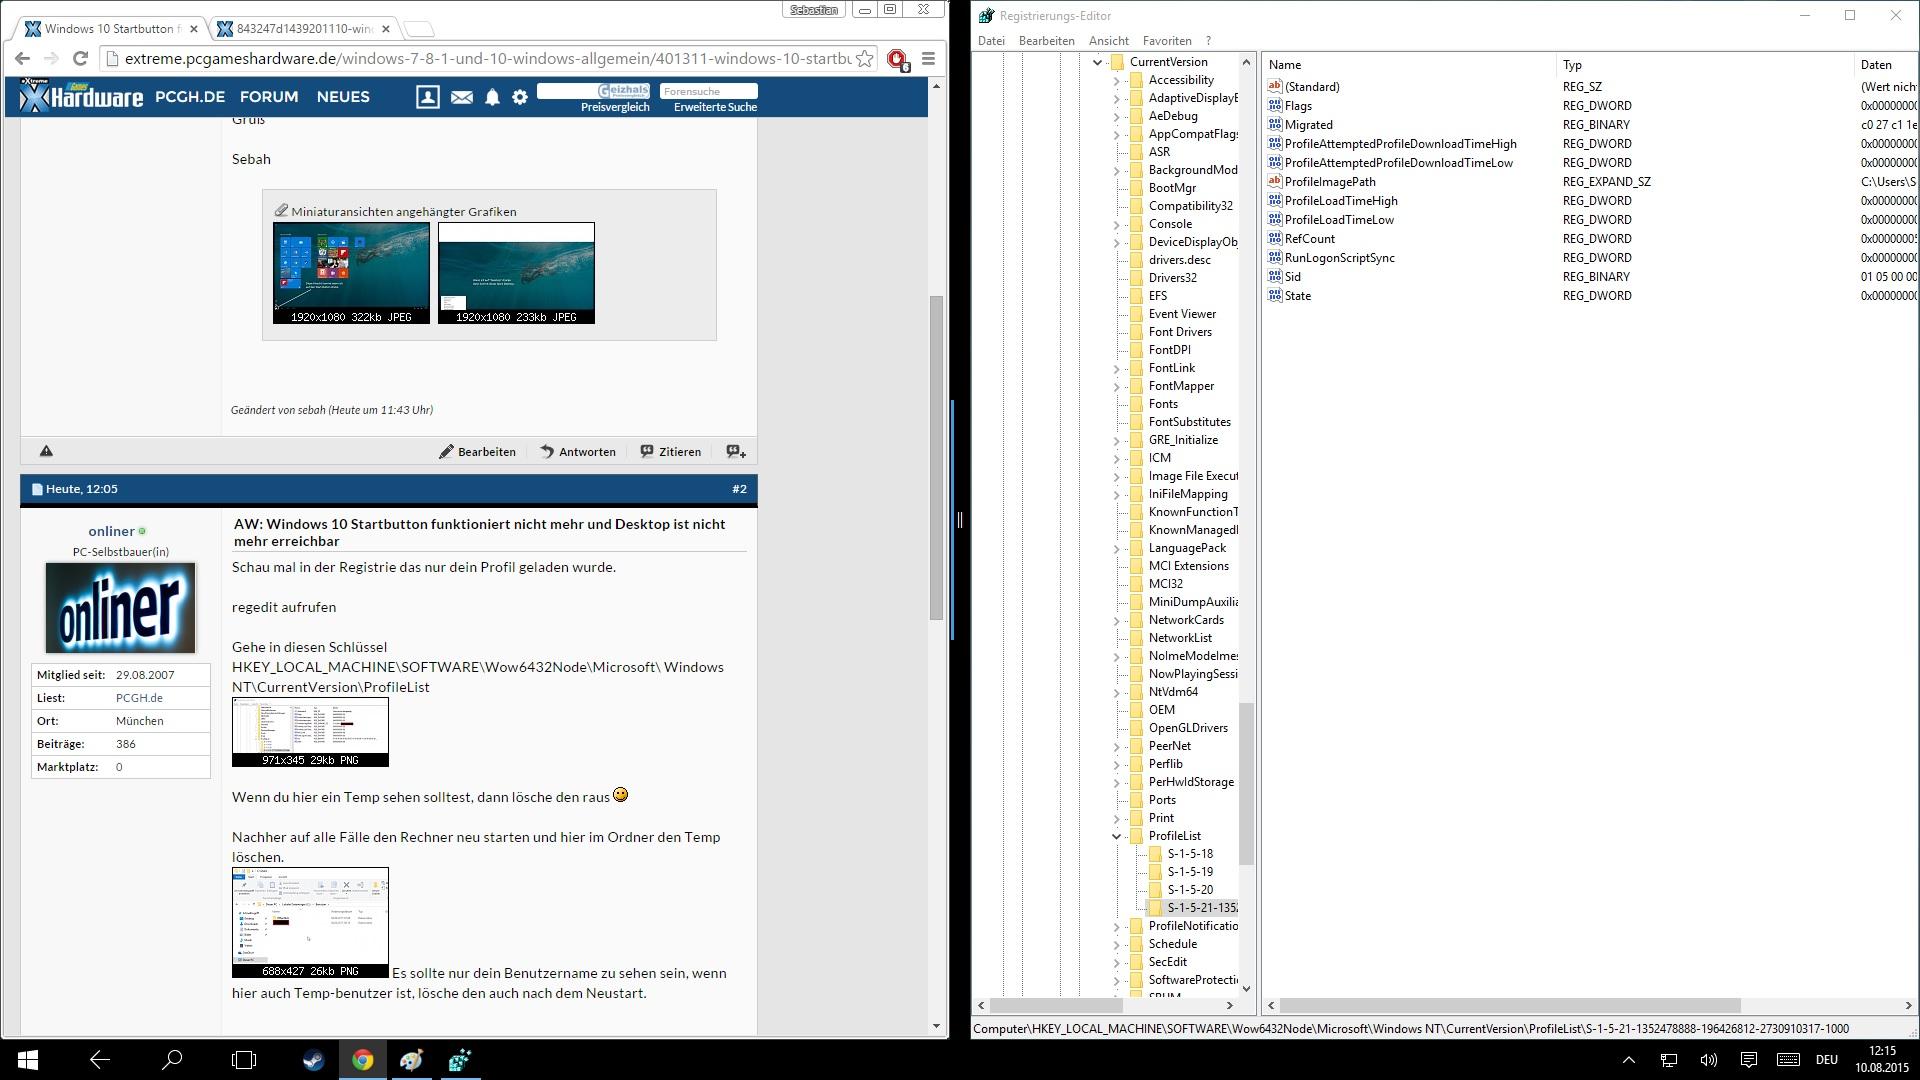 windows 10 startbutton funktioniert nicht mehr und desktop ist nicht mehr erreichbar. Black Bedroom Furniture Sets. Home Design Ideas